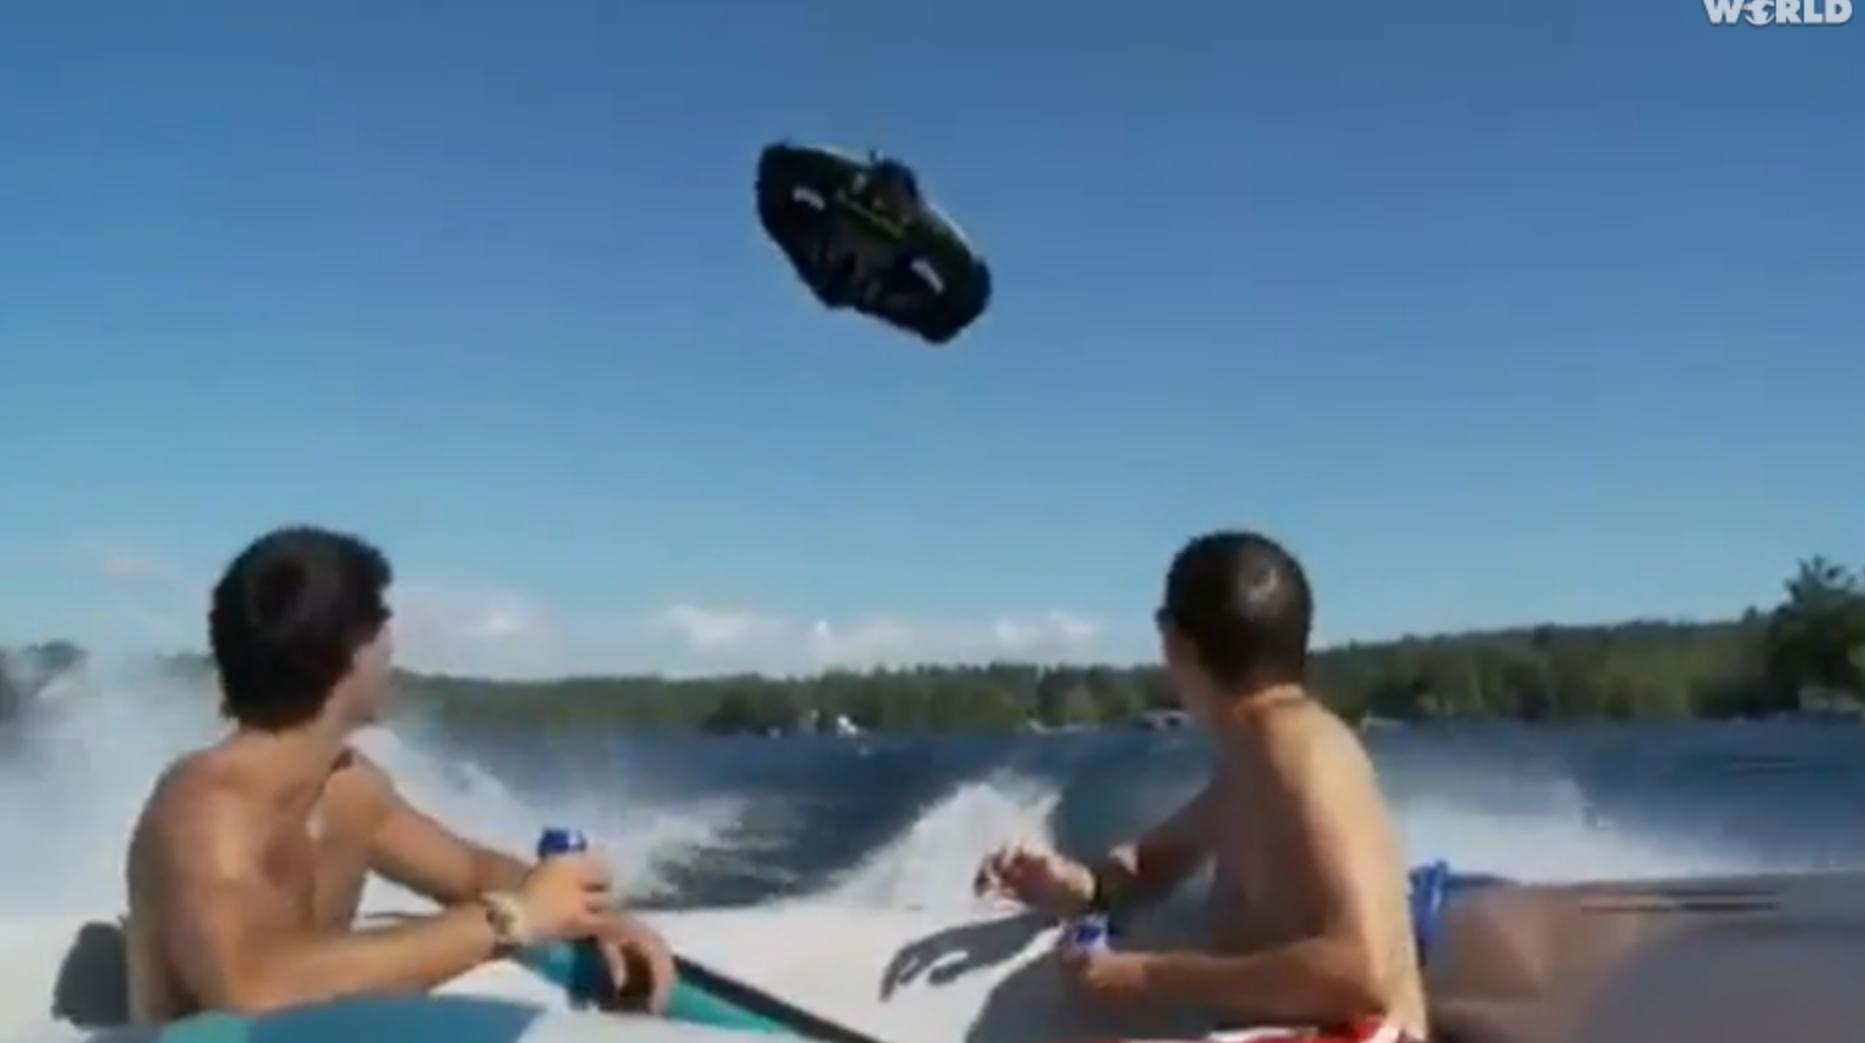 Boat Fail: Kite tube goes wrong